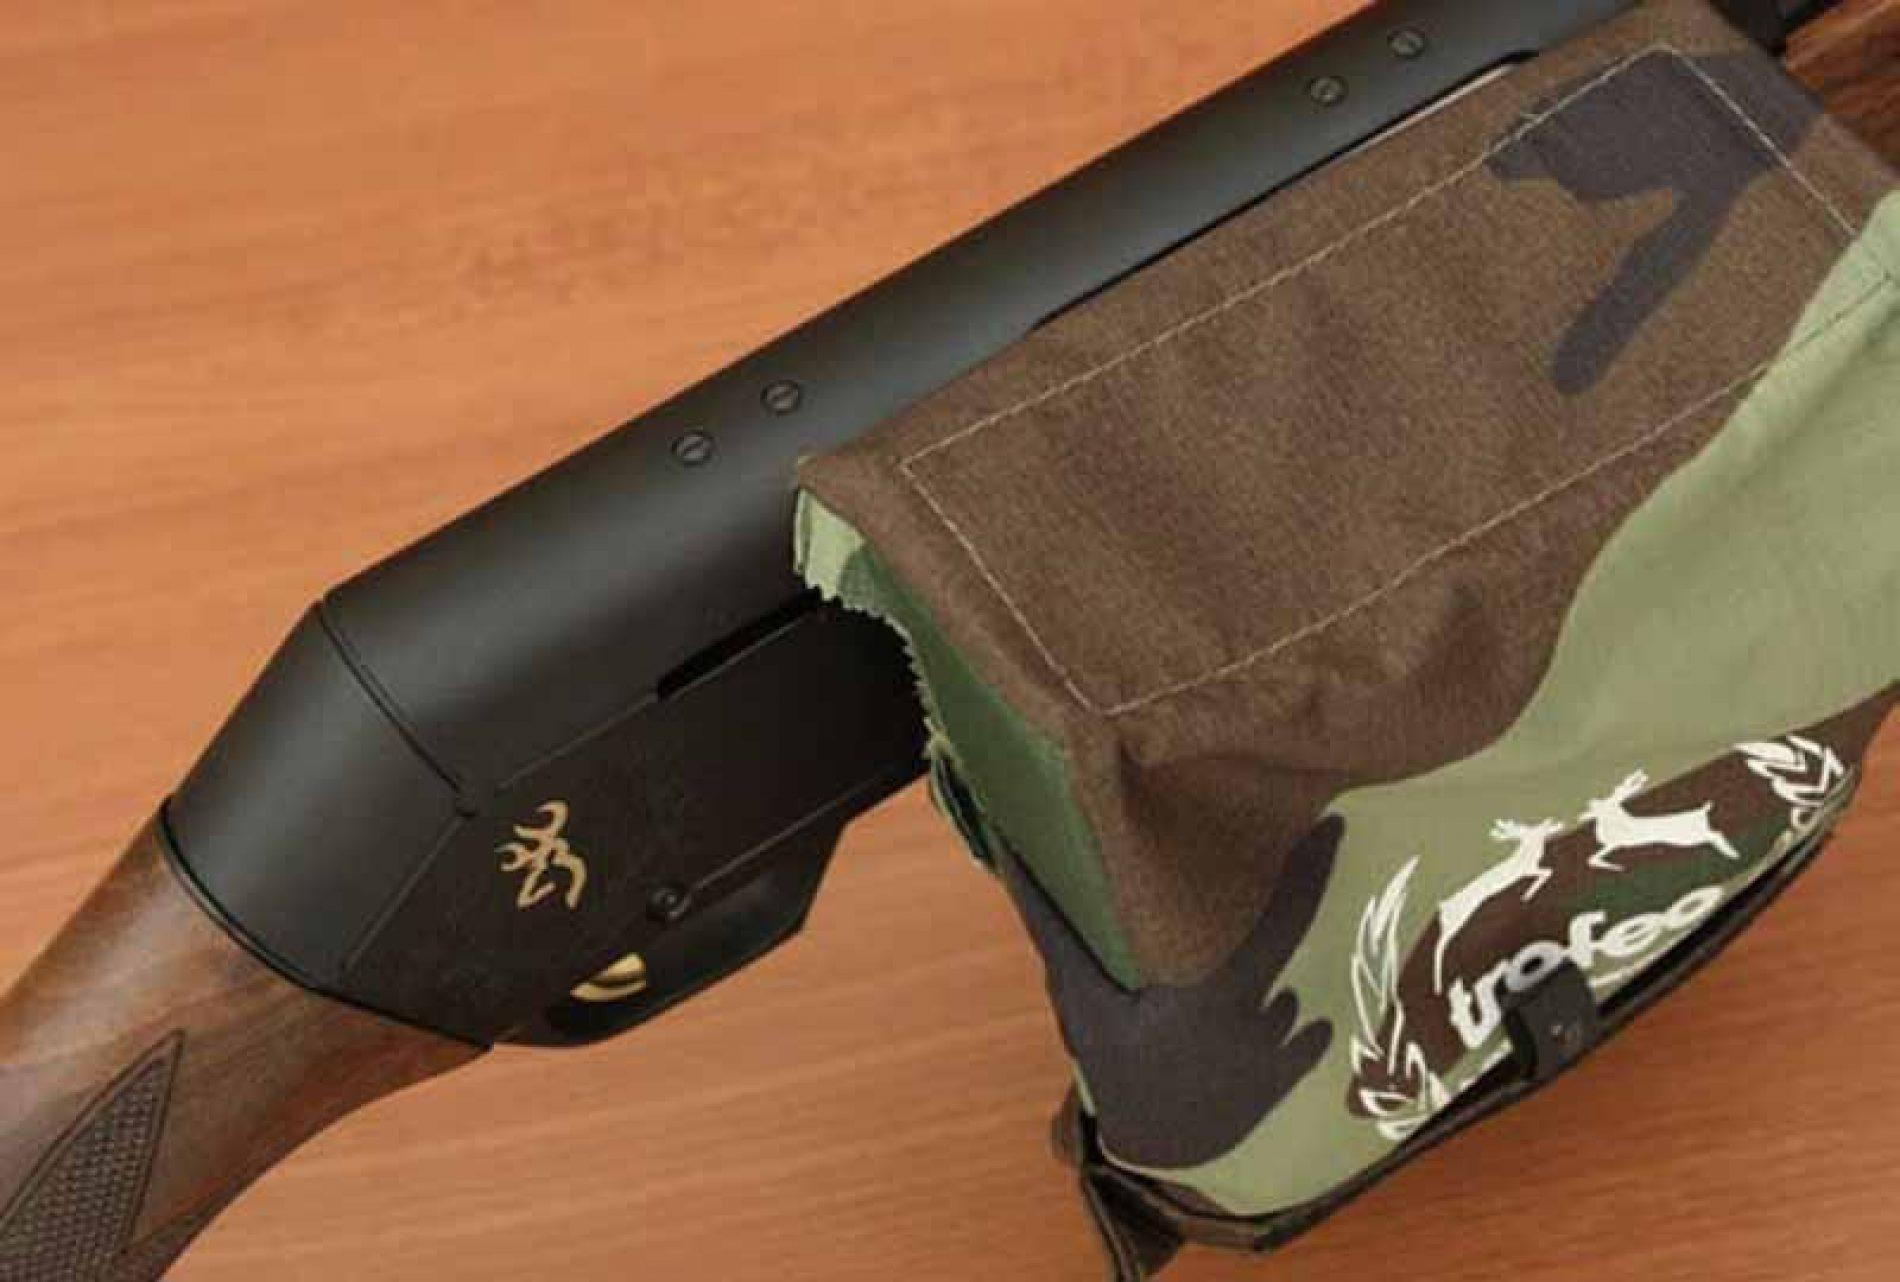 Prueba del caza-vainas Recovain en rifles semiautomáticos